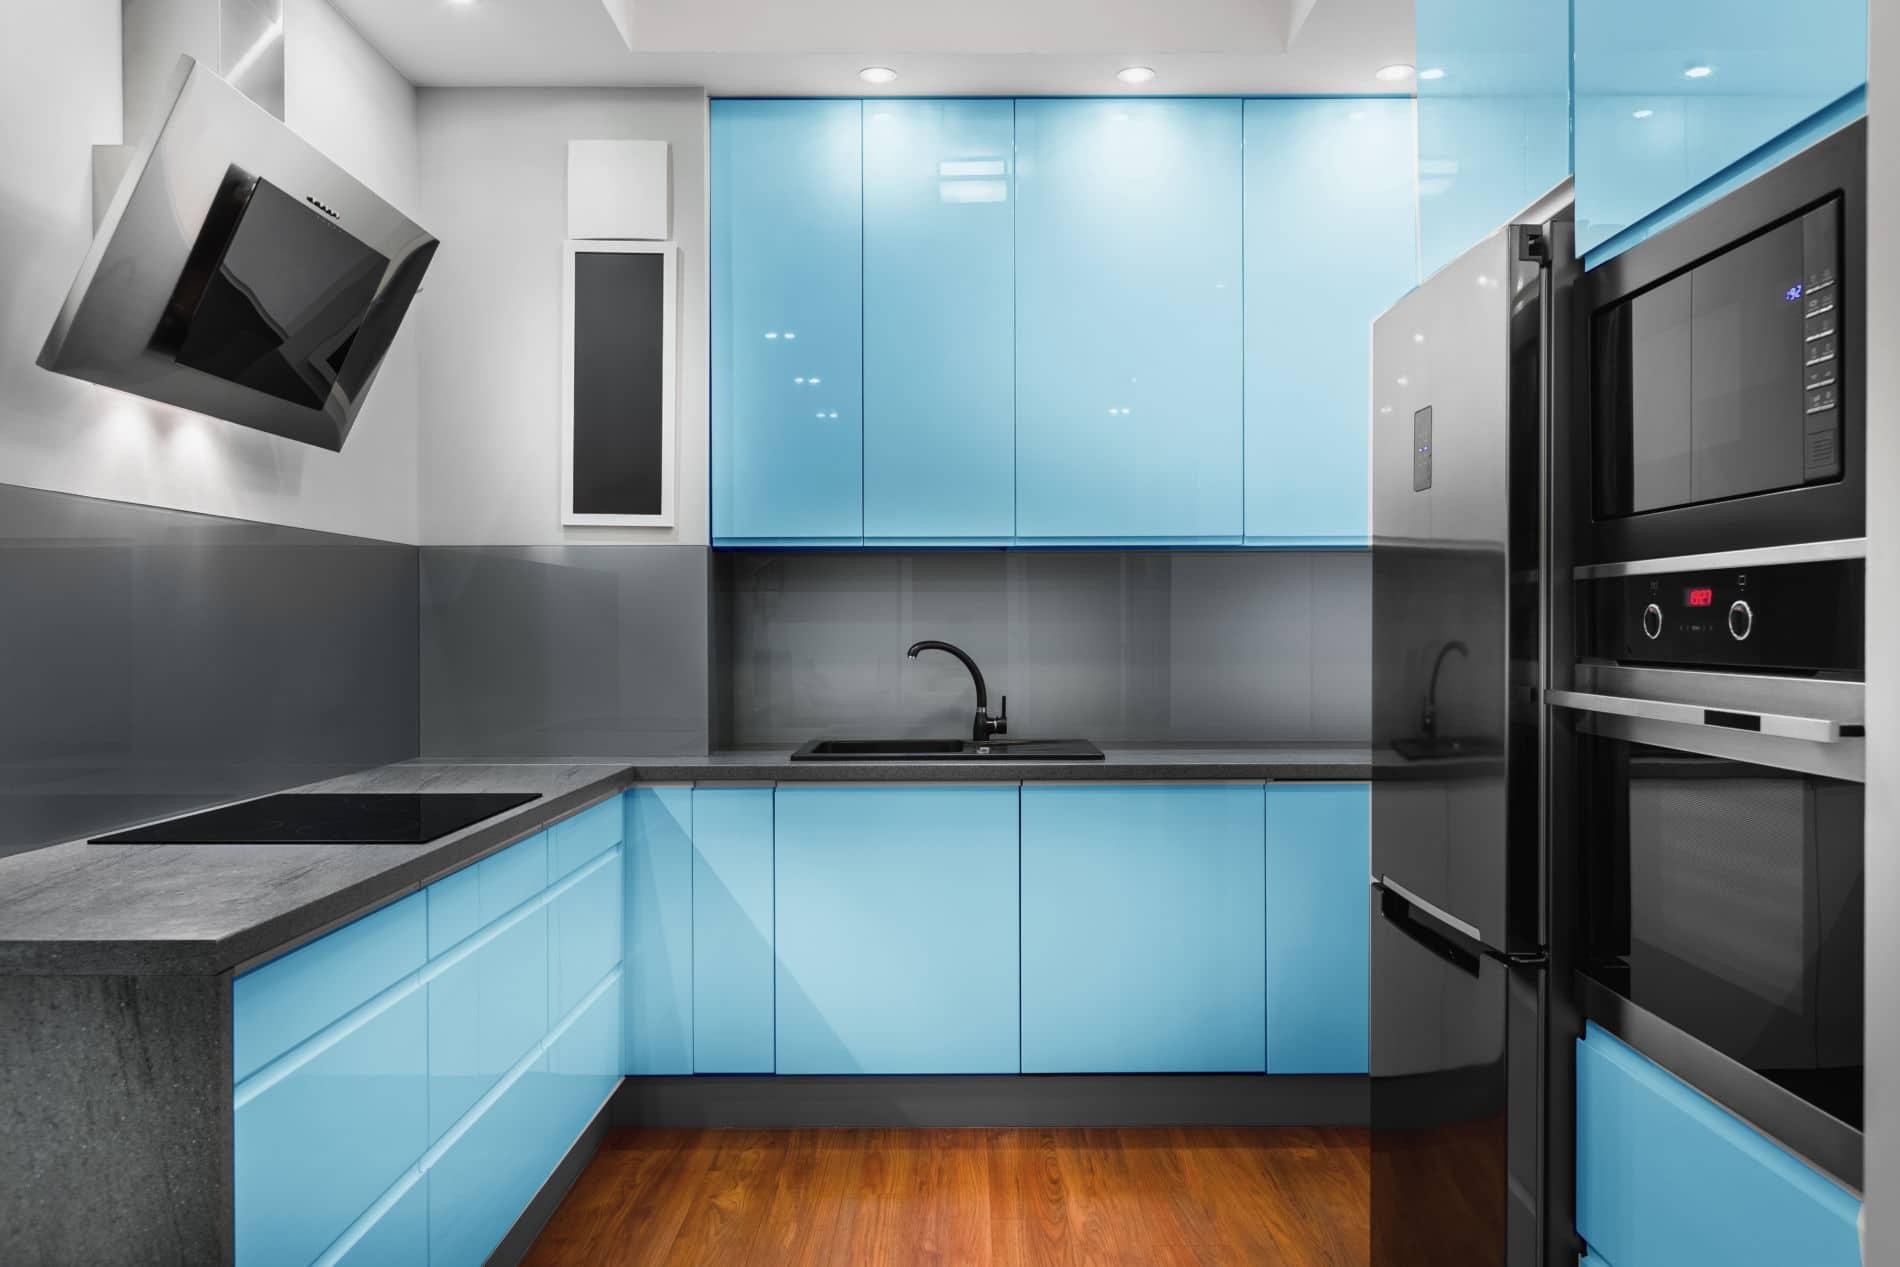 מטבחים מעץ חברות מוכרות לעיצוב והרכבת מטבחים חכמים עם הרבה וותק שיודעים לספק כל סוגי המטבחים לכל דורש תוך כדי הפעלת המקרר והתנור ללקוח במטבח שלו